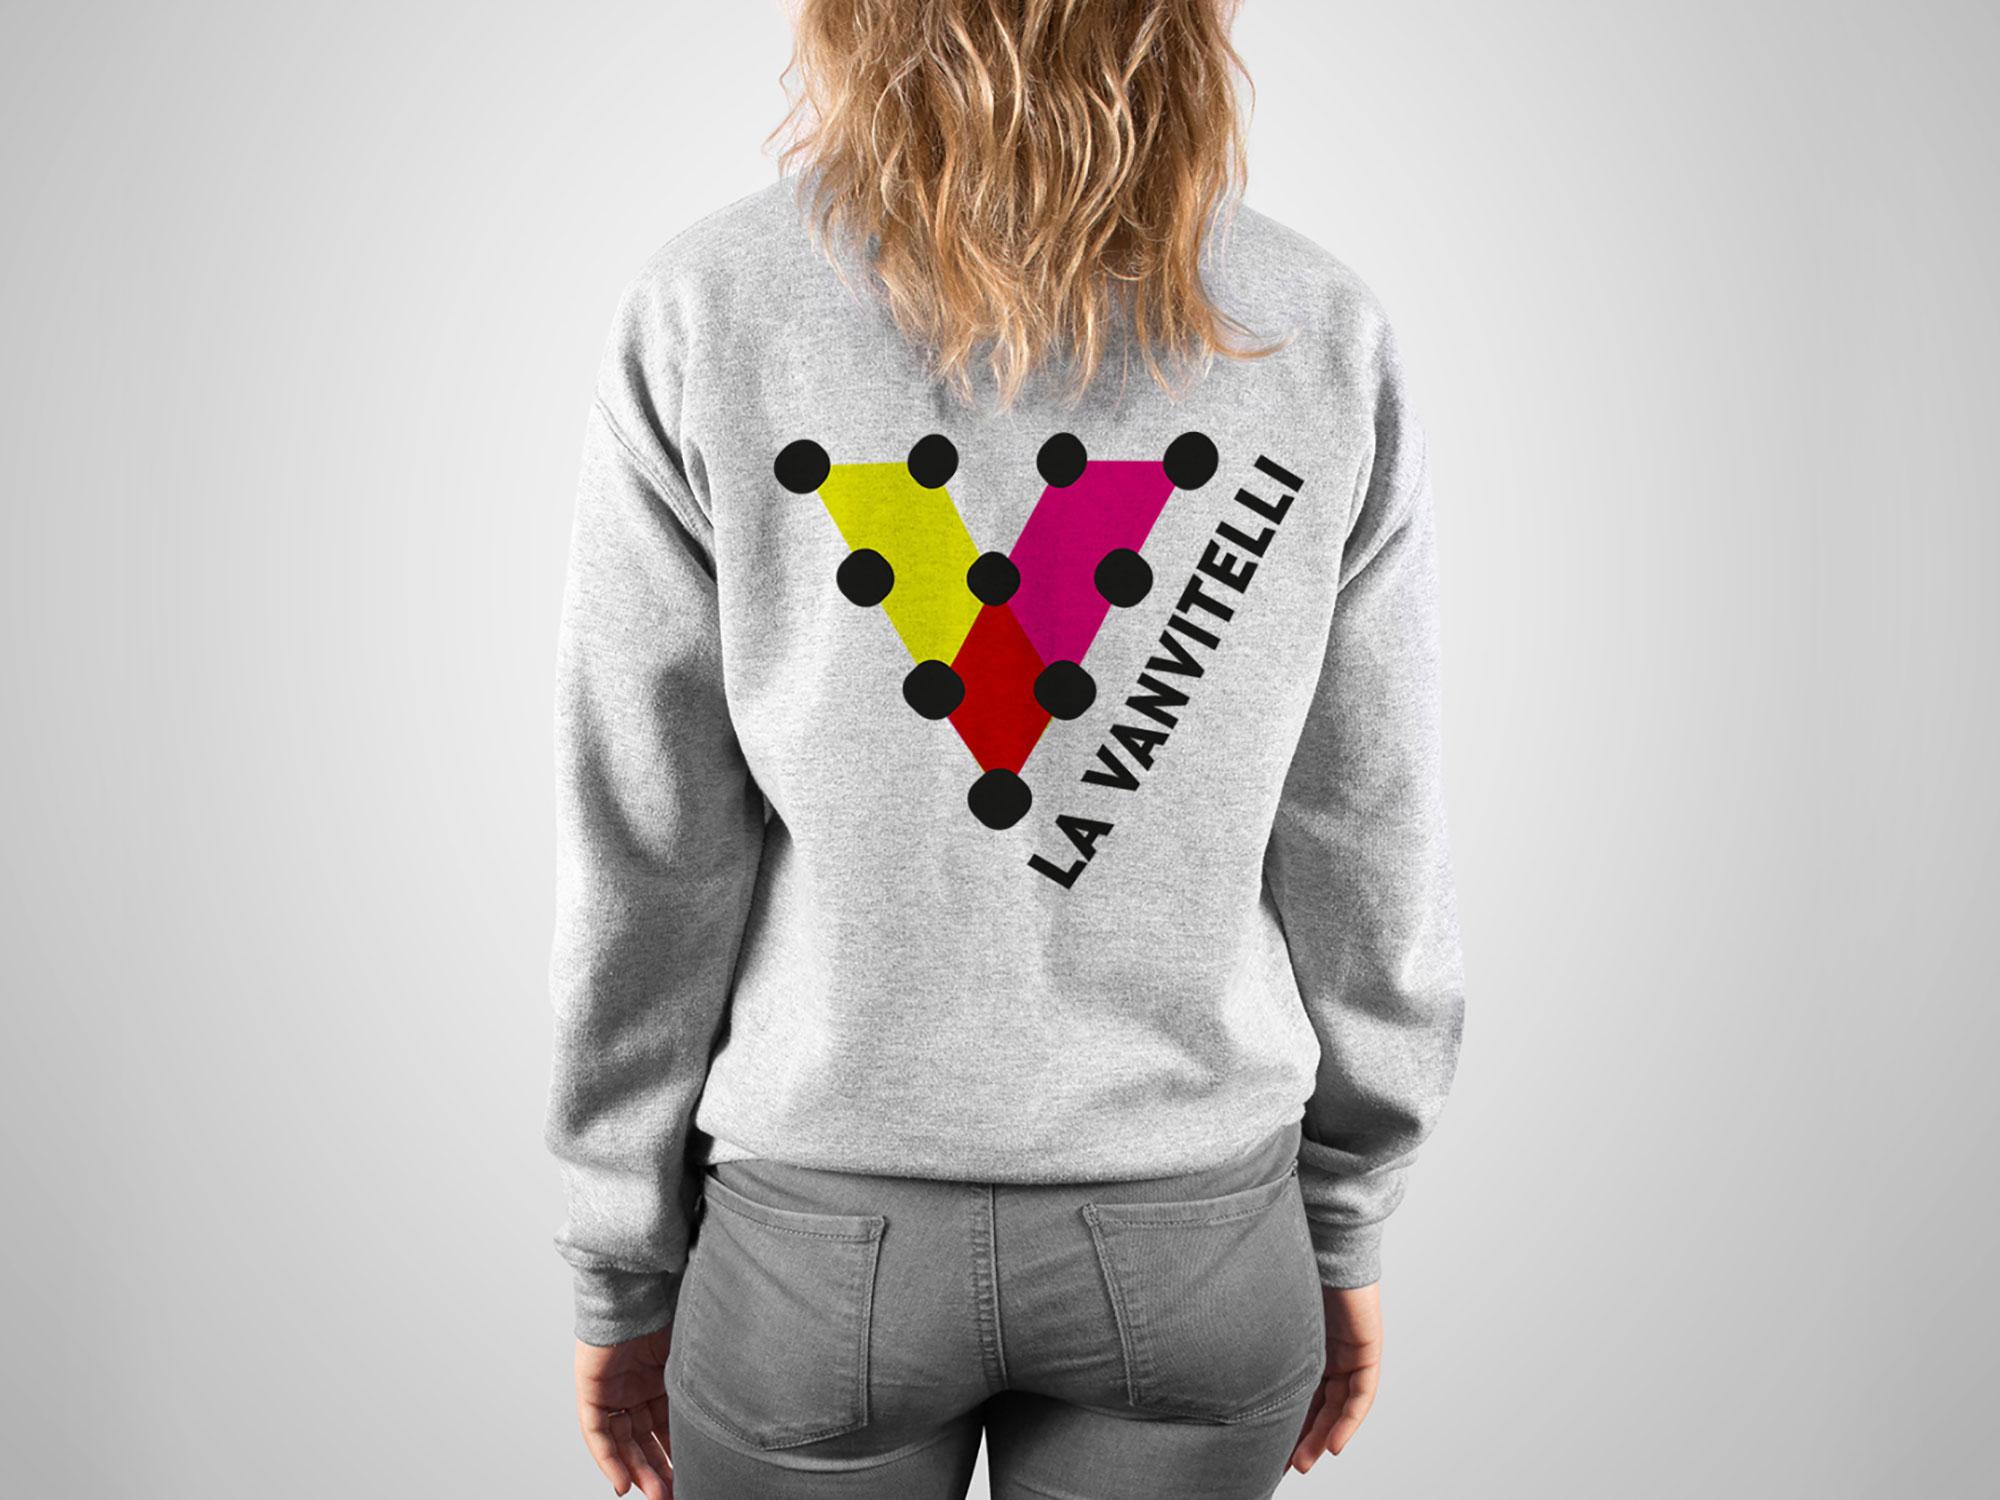 Impulsar-Vanvitelli hoodie